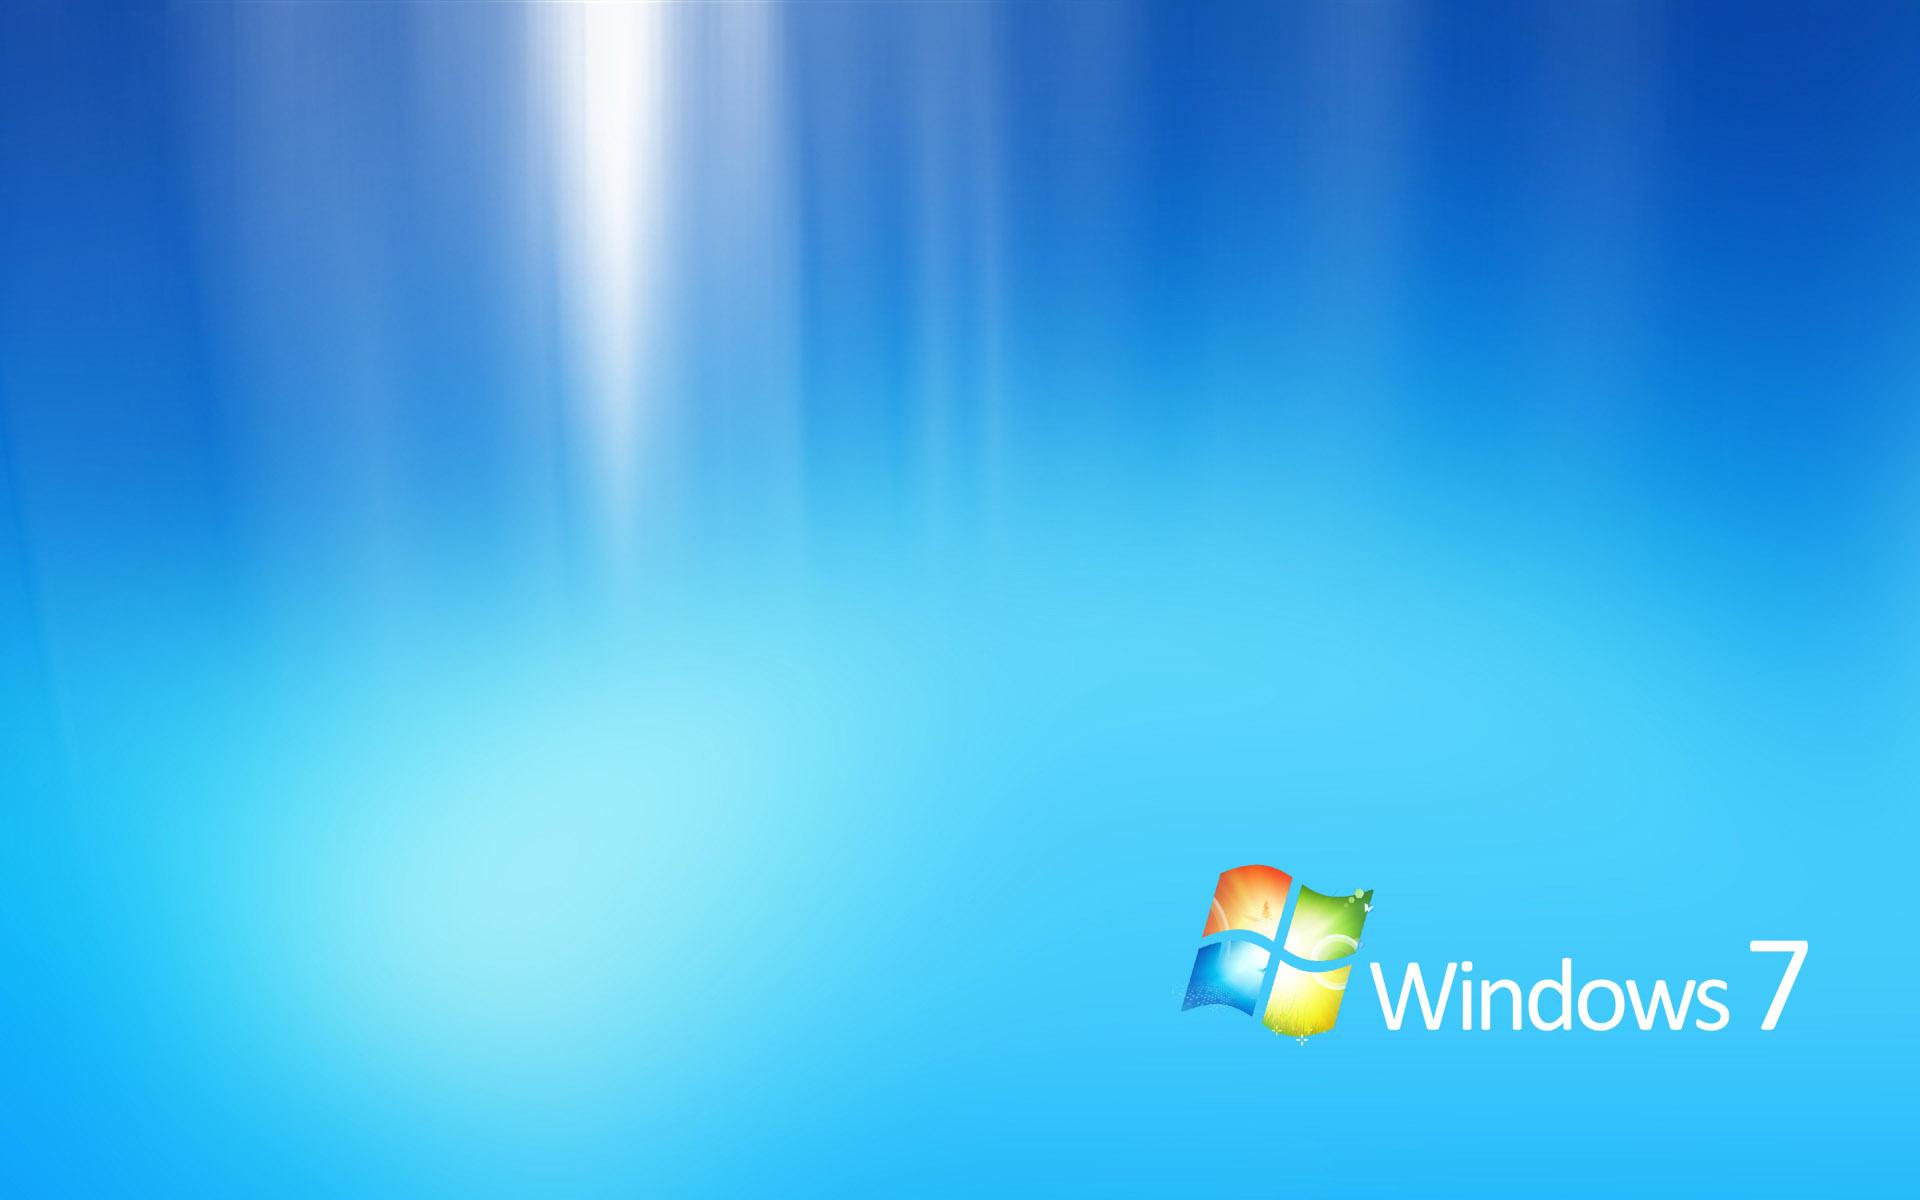 50张windows 7桌面壁纸图片